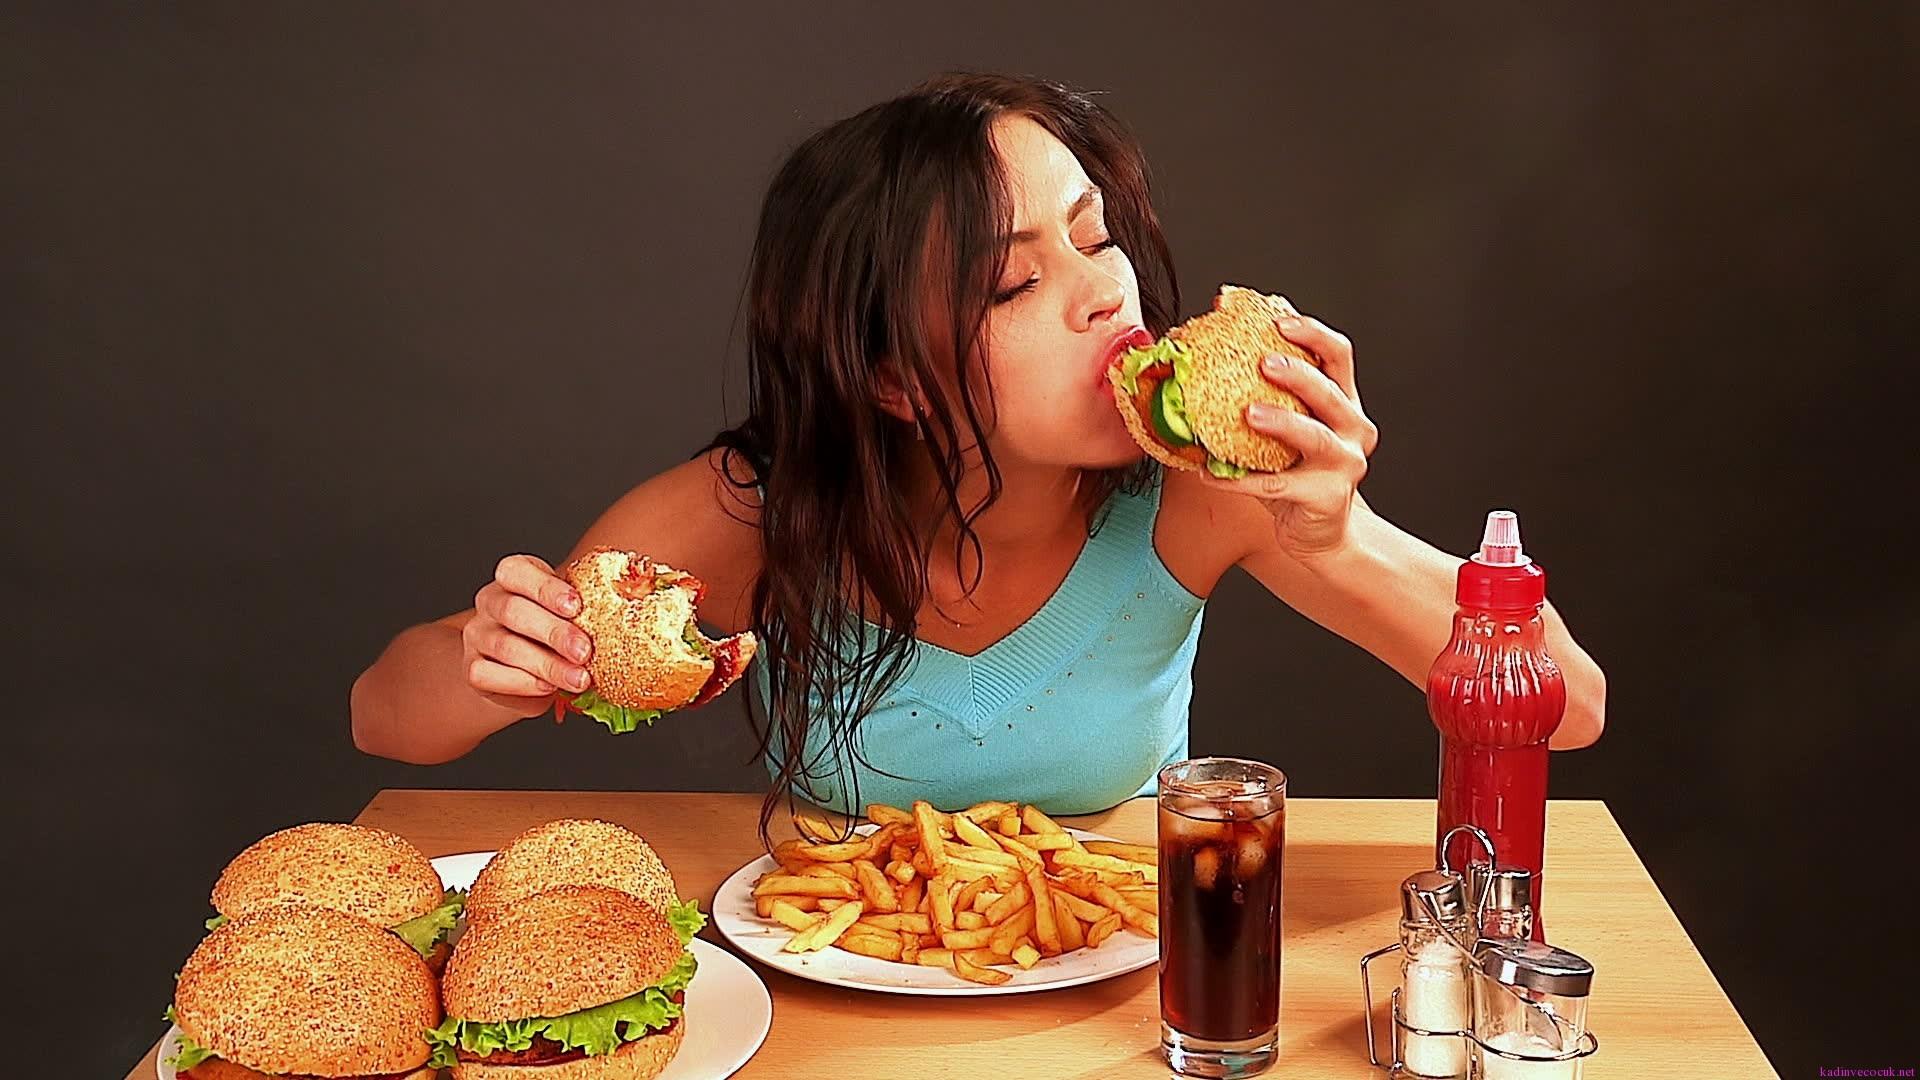 Nếu có các dấu hiệu này thì hãy từ bỏ ngay vì có thể bạn đang rơi vào ăn uống quá độ - Ảnh 2.